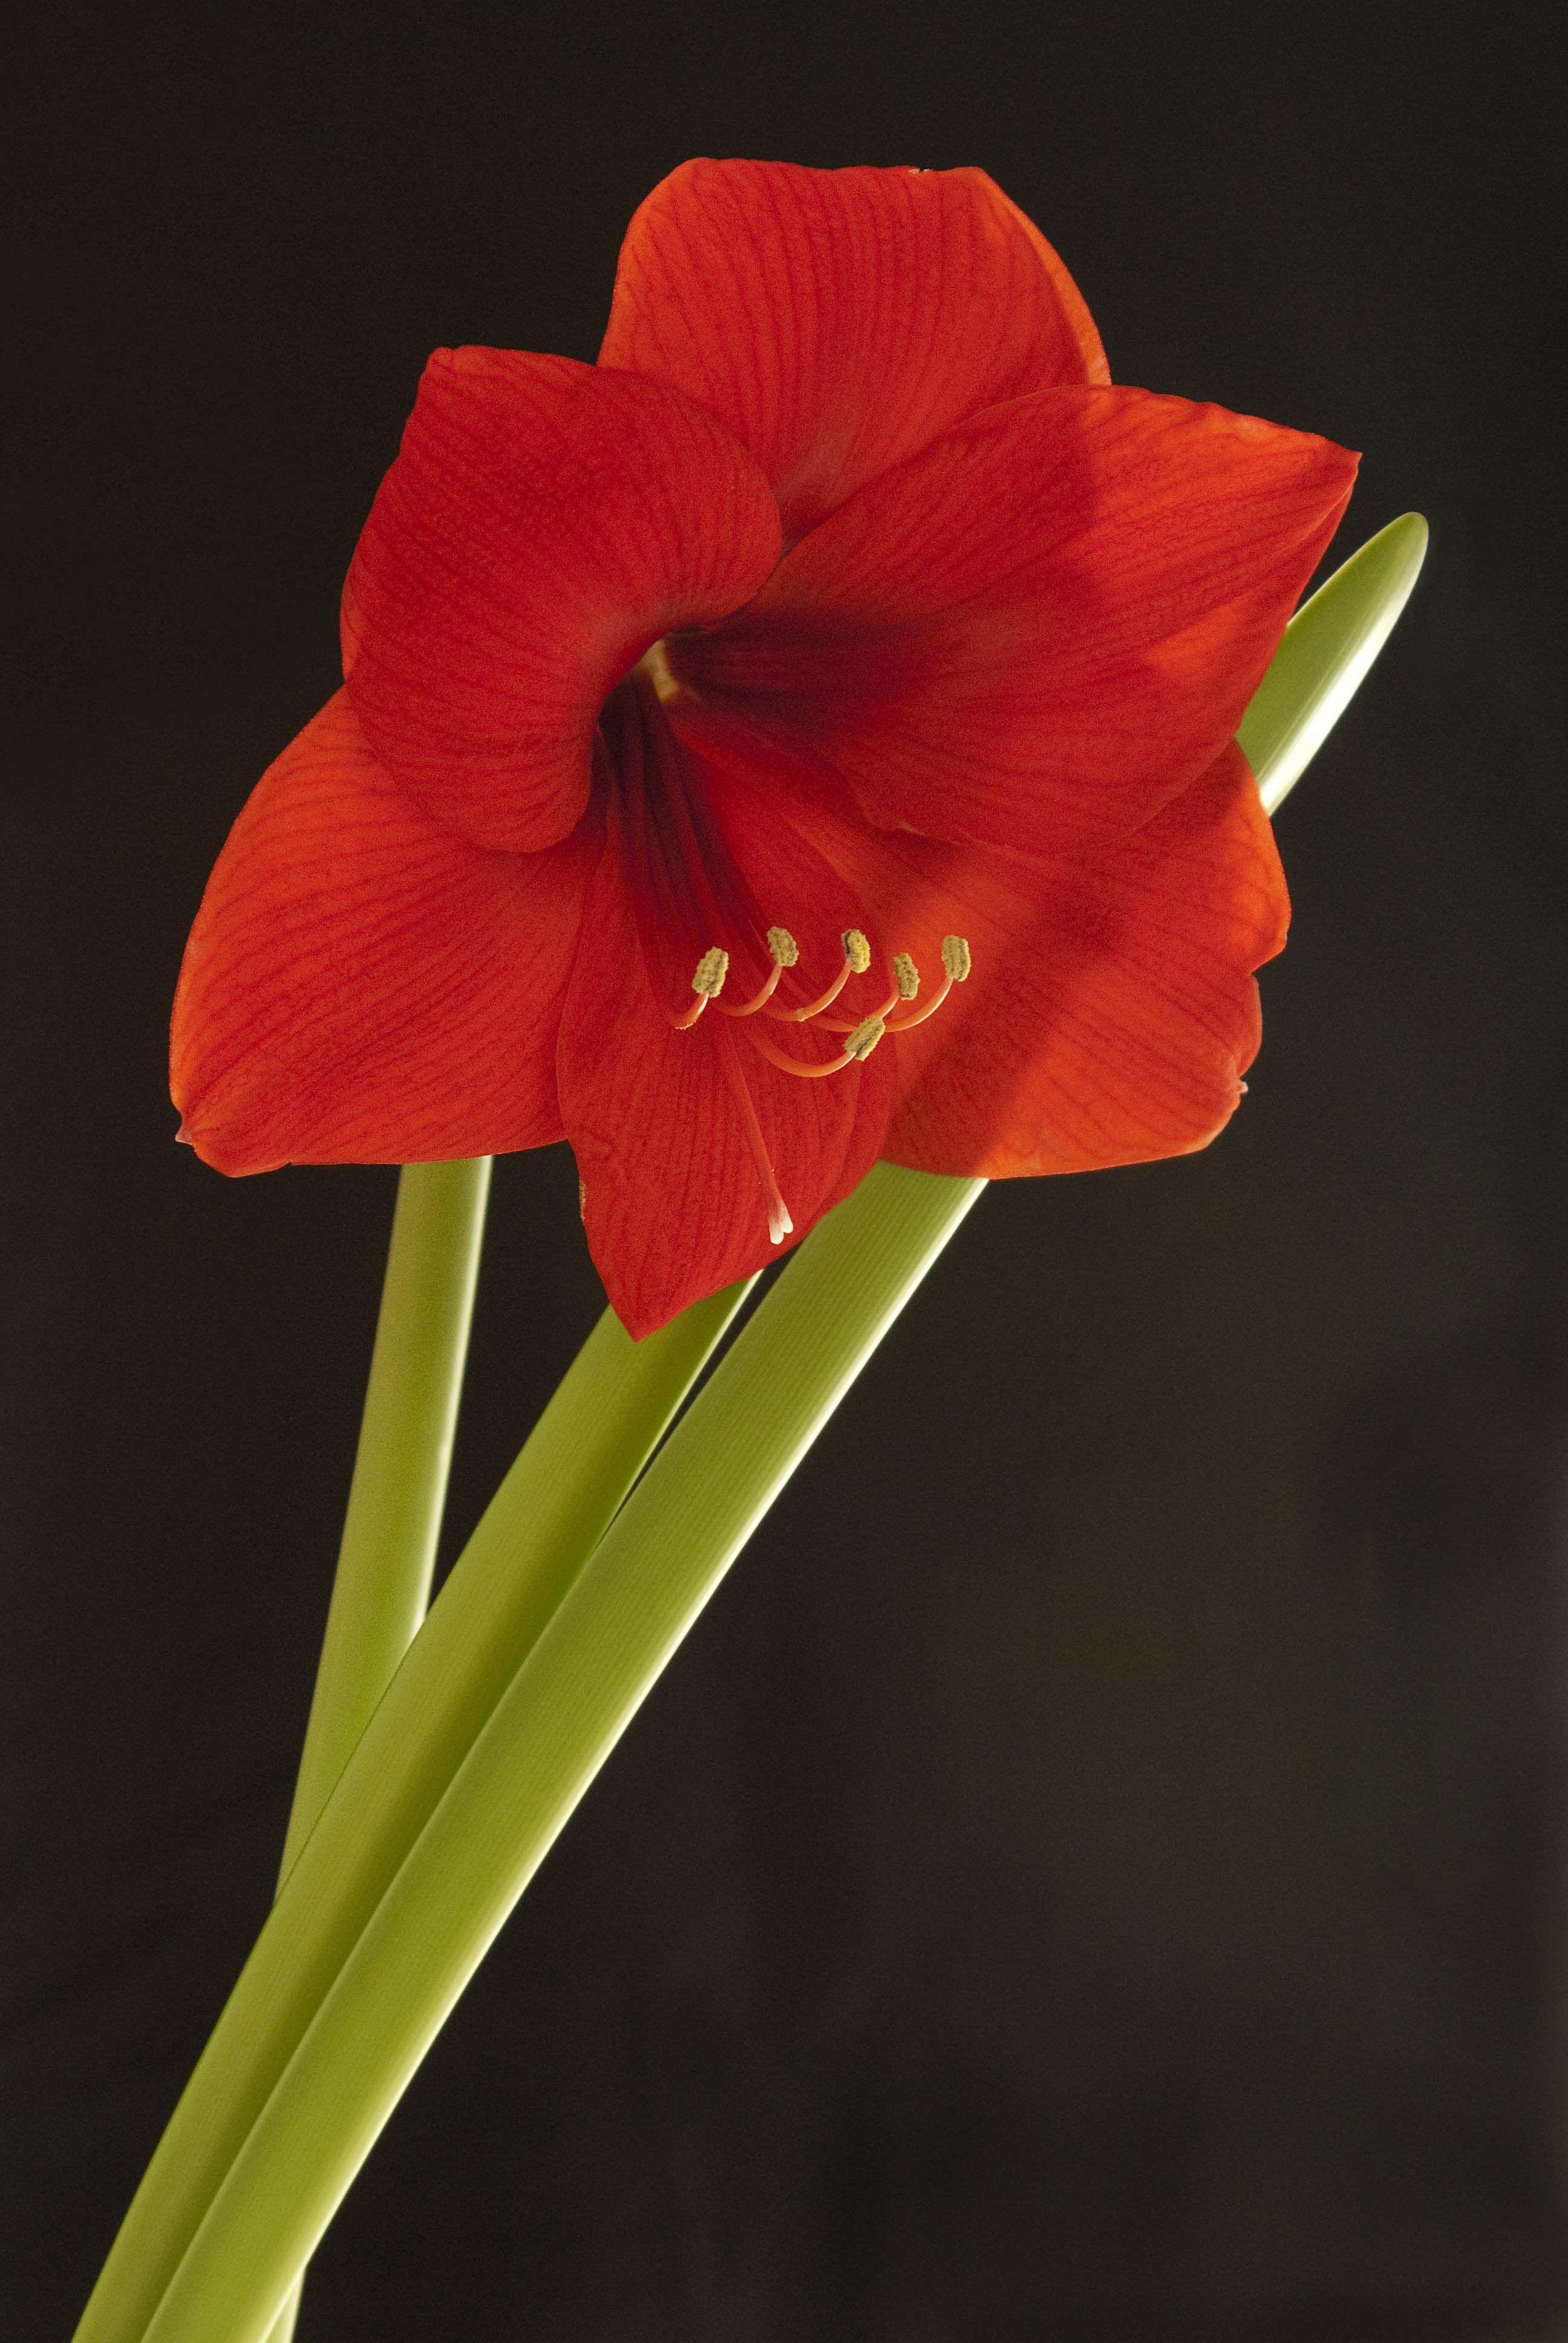 Amarillus Phs Loves Gardeners Phsgardening One Bloom Pinterest